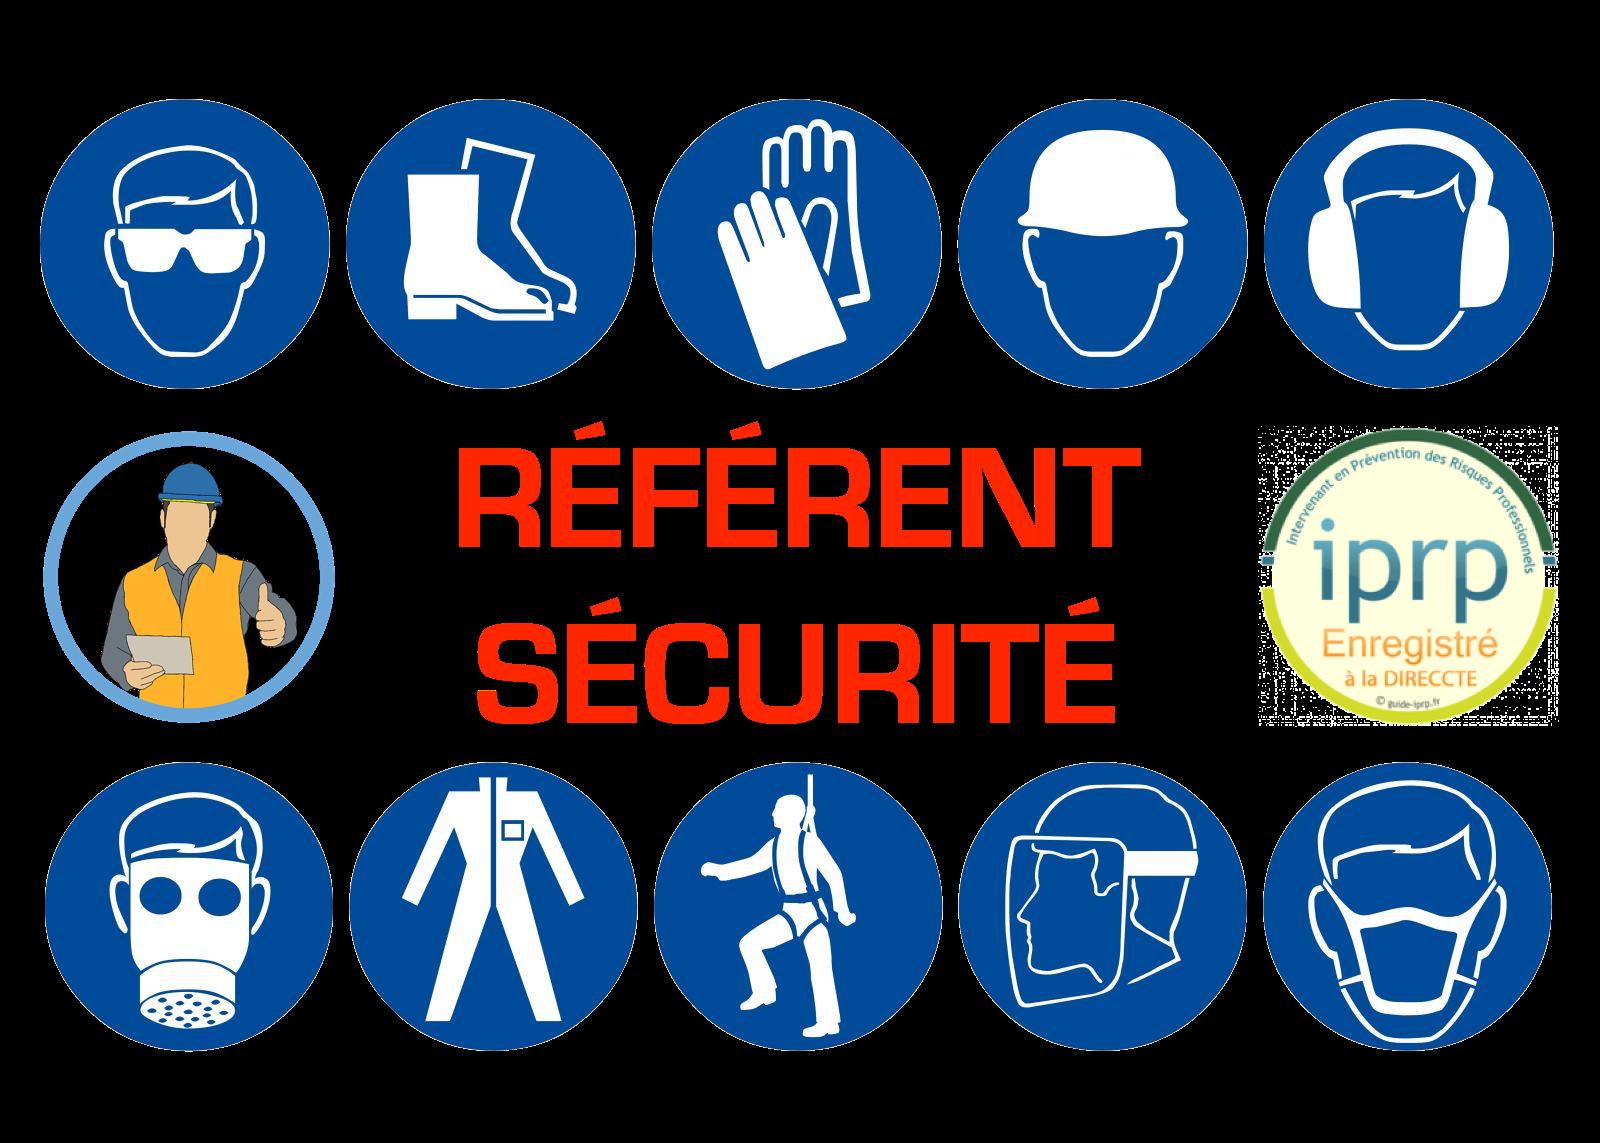 Referent-securite-2